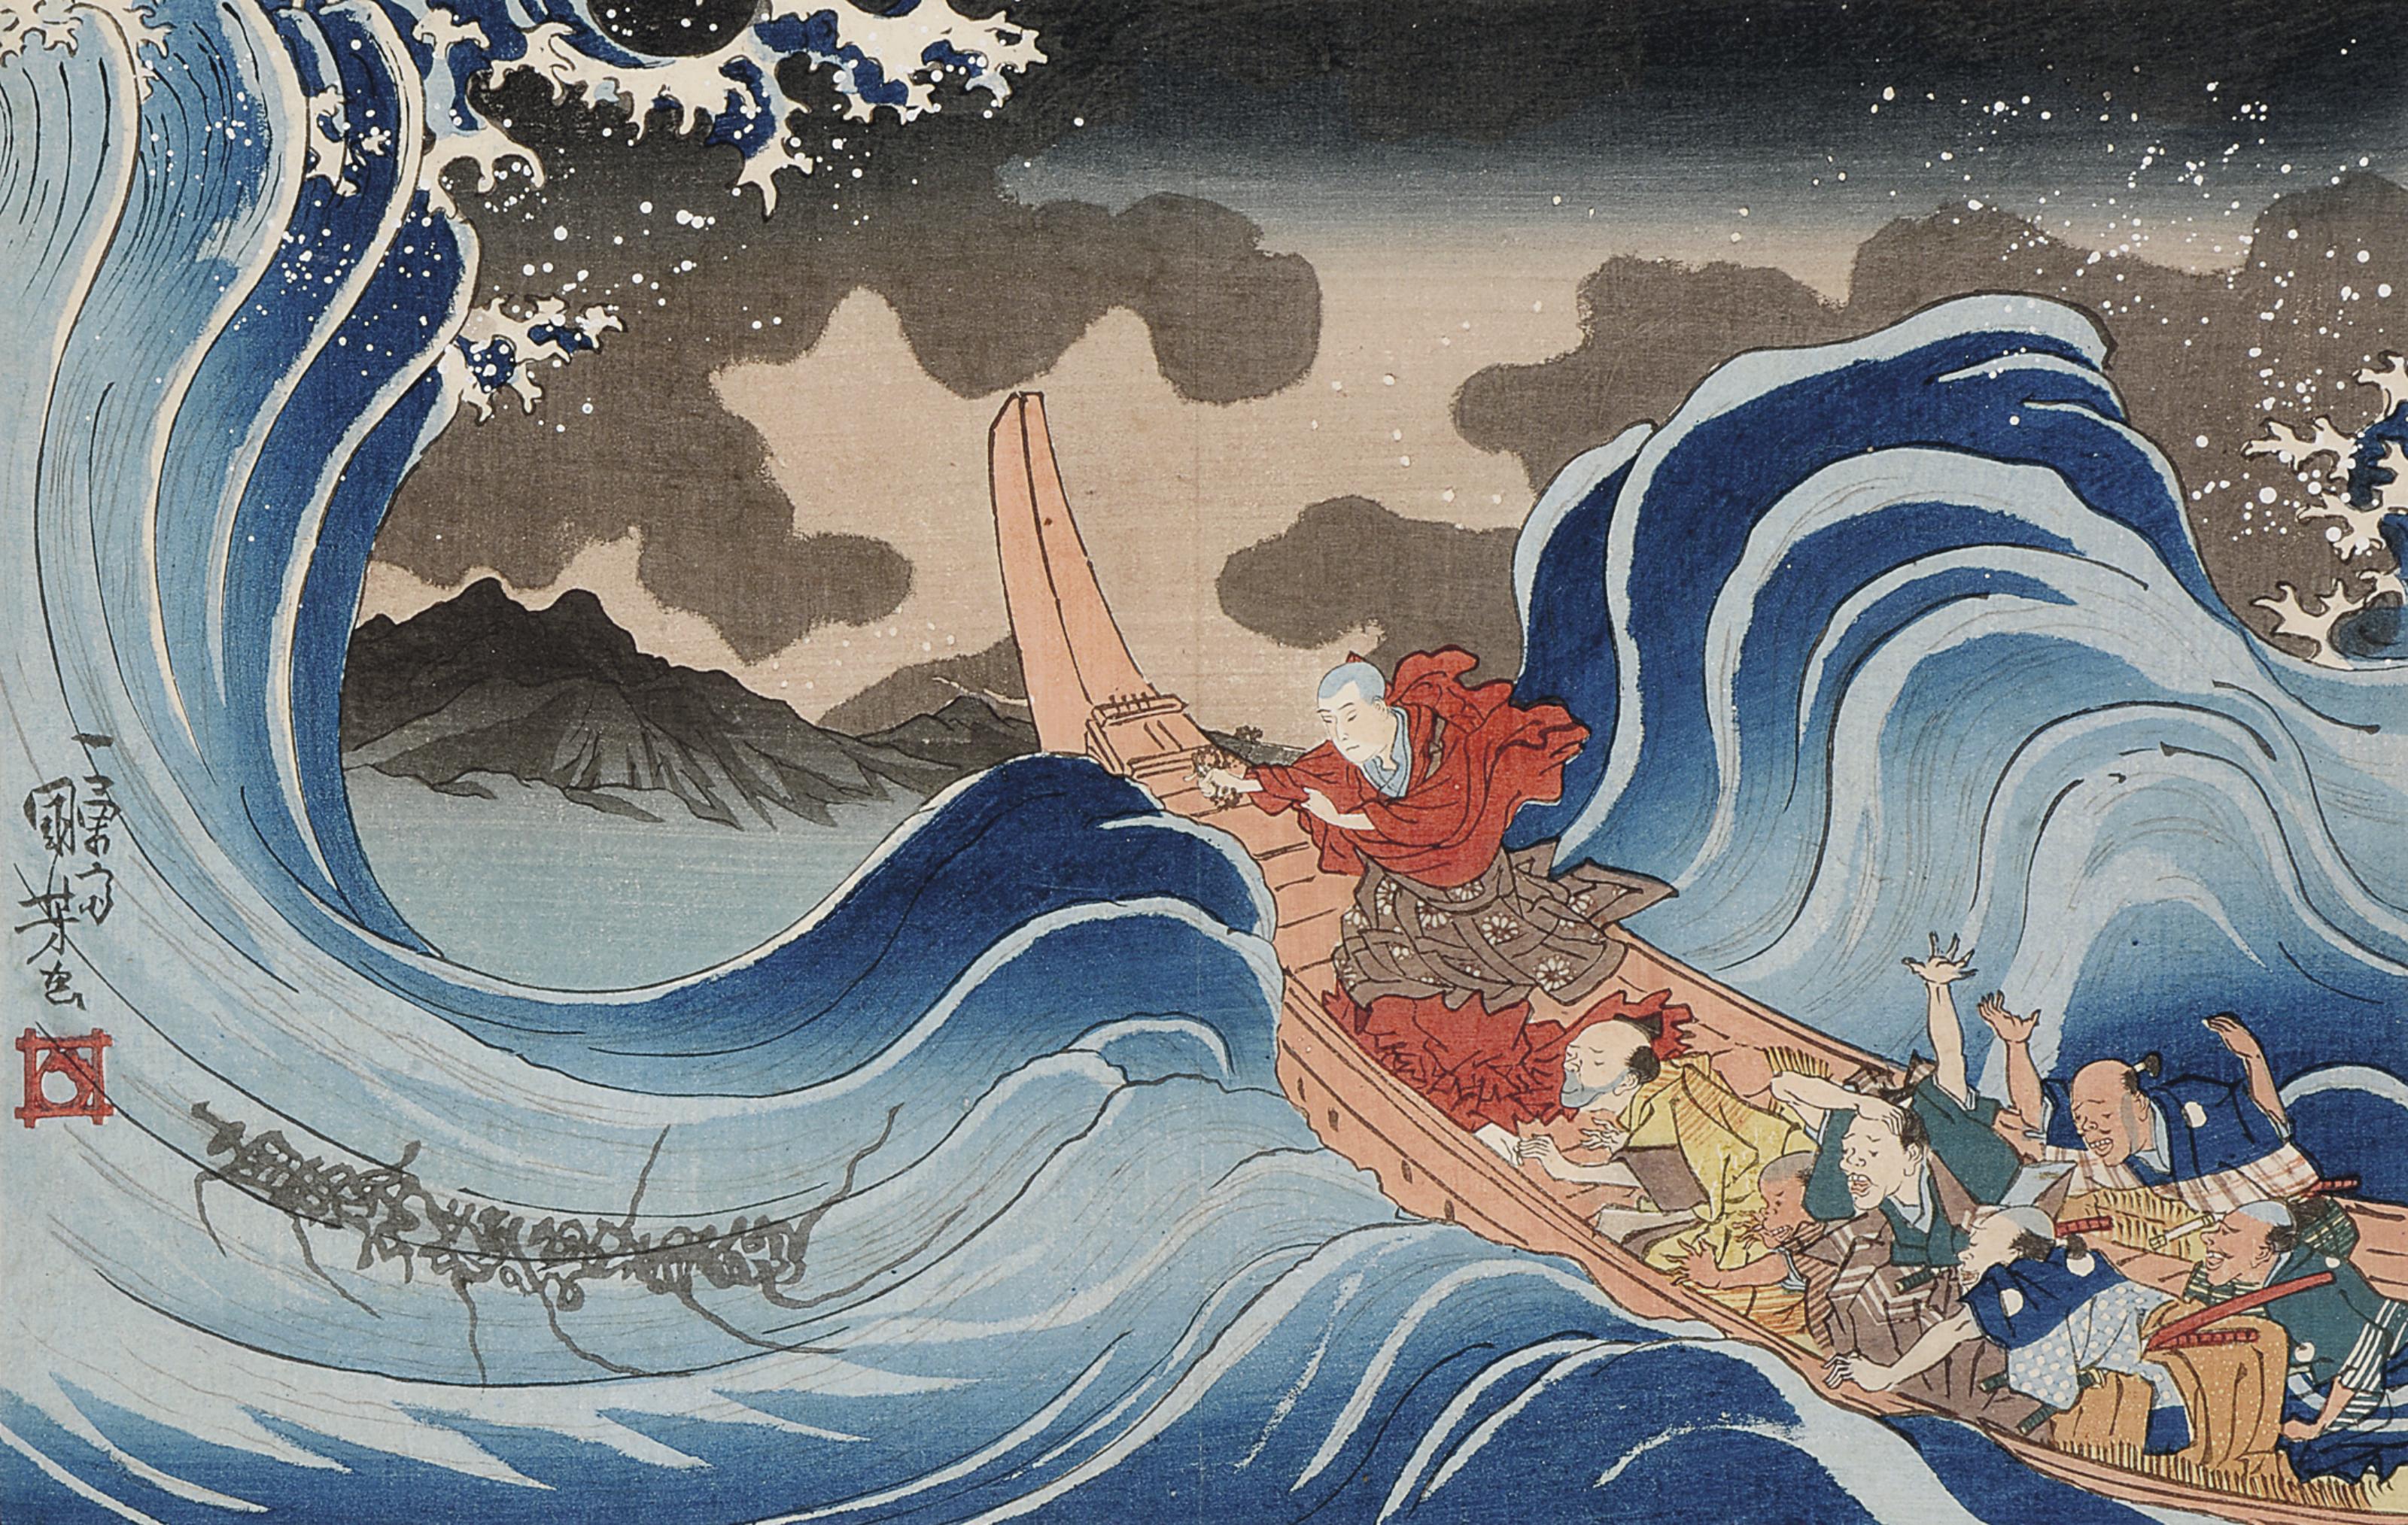 Ichiyusai Kuniyoshi (1797-1861)